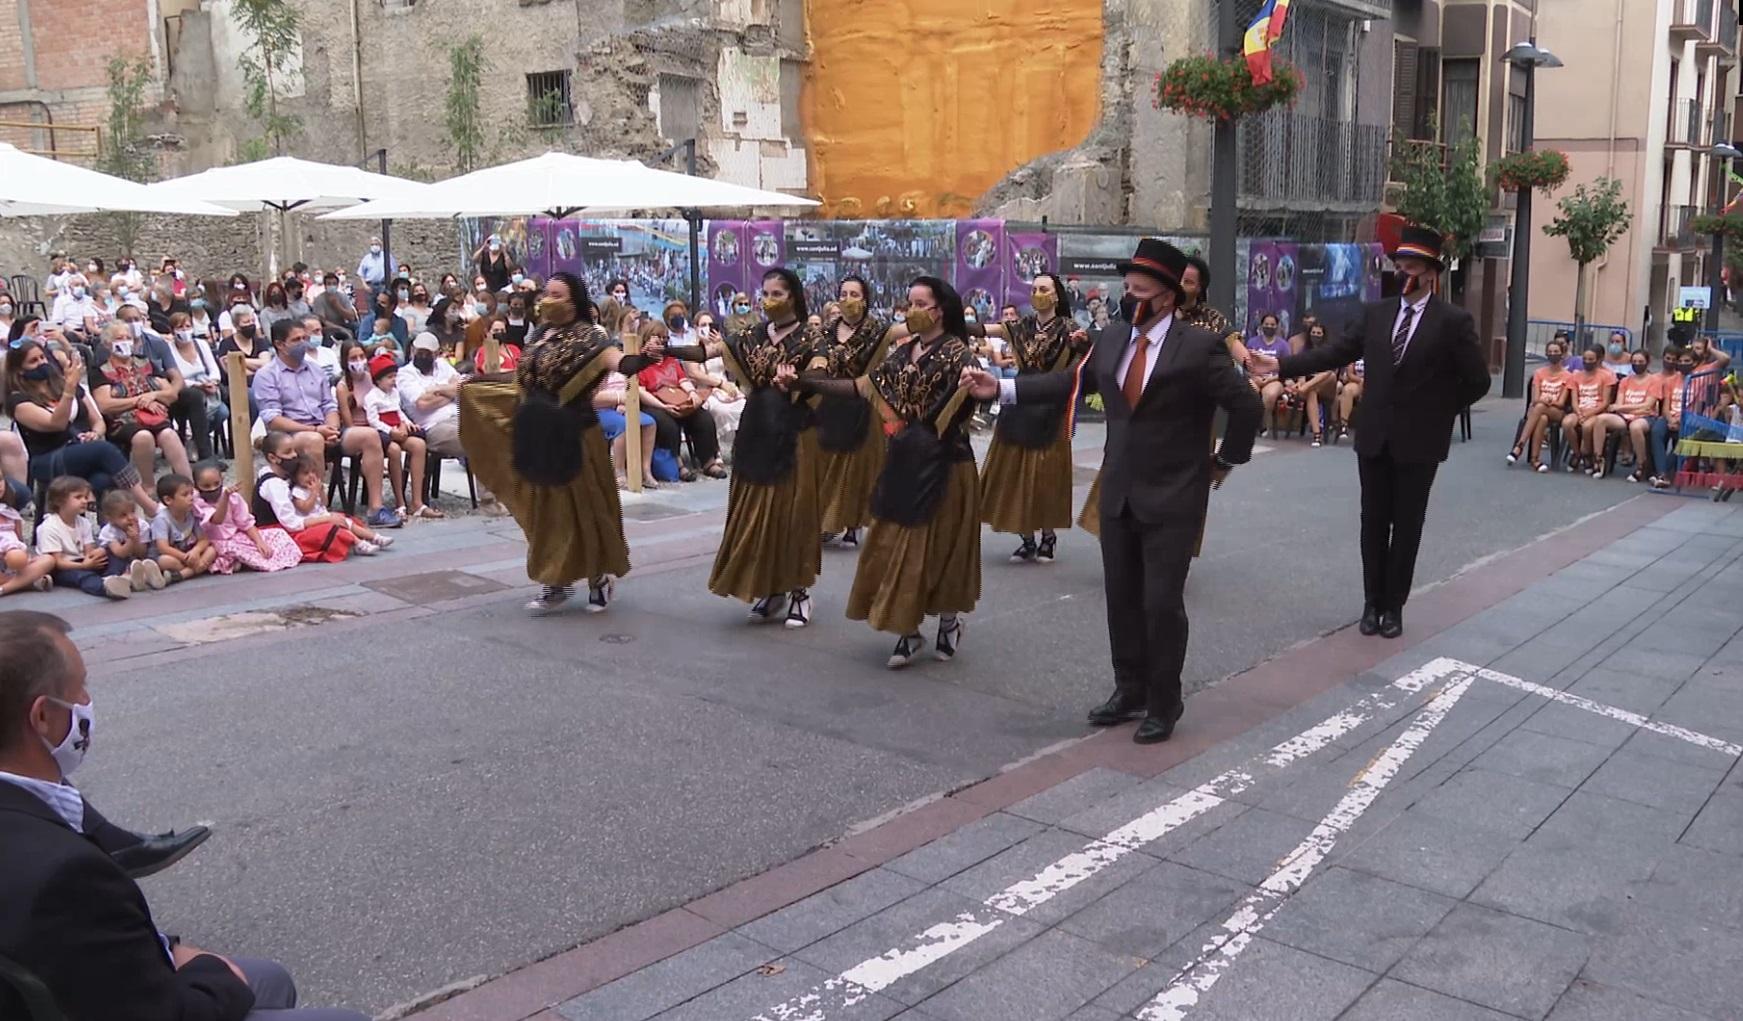 El tradicional ball de la Marratxa torna als carrers de Sant Julià per festa major